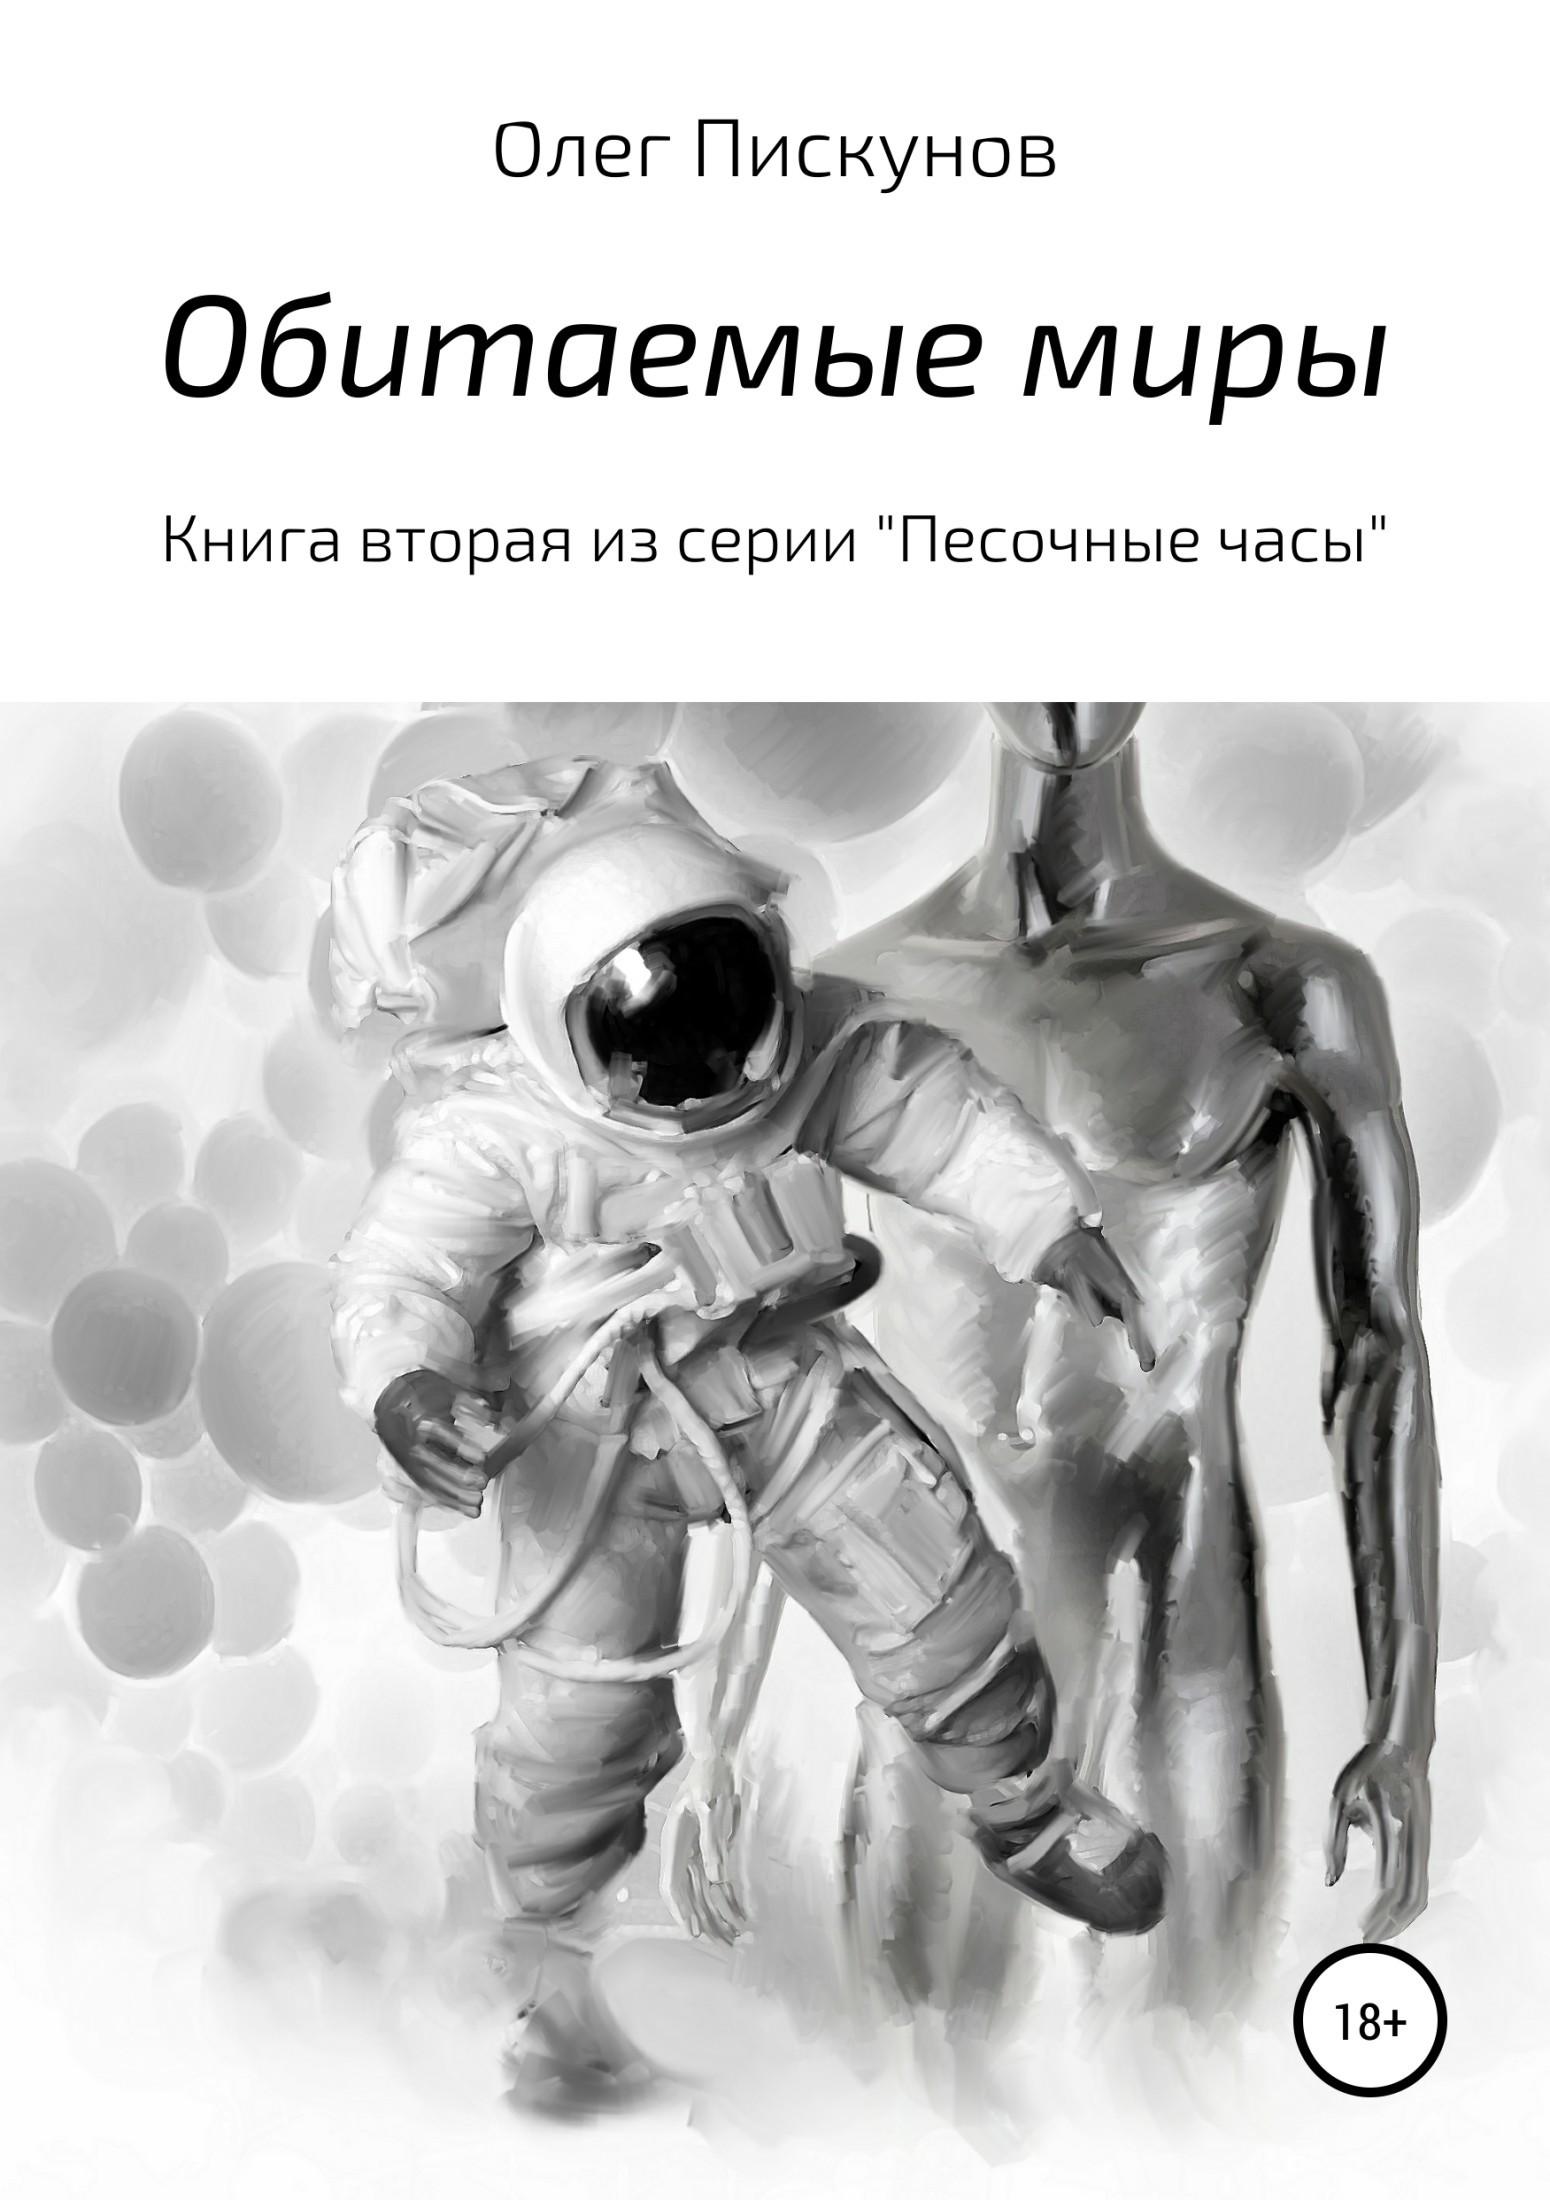 Олег Пискунов - Обитаемые миры